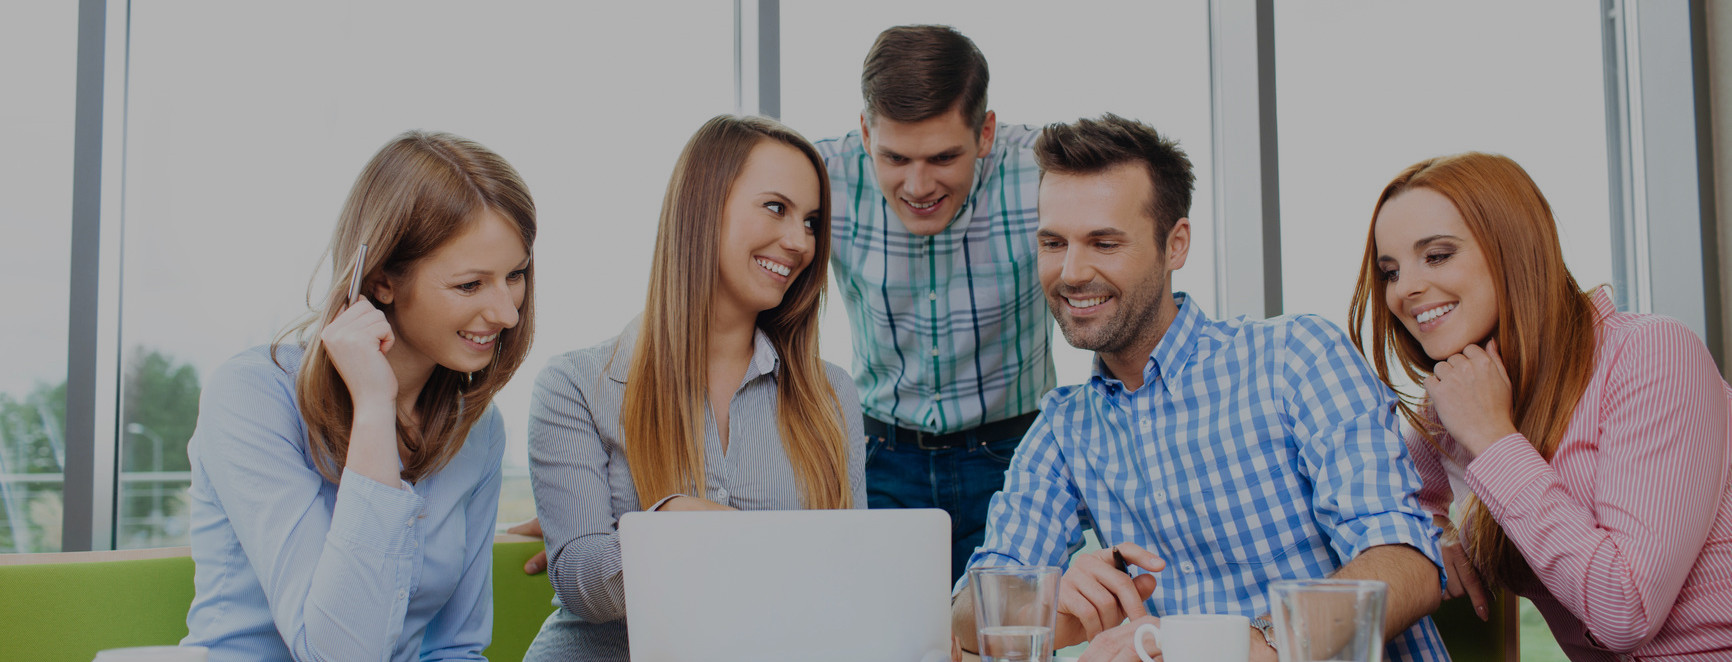 imagen de grupo de personas trabajando y utilizando una computadora portatil